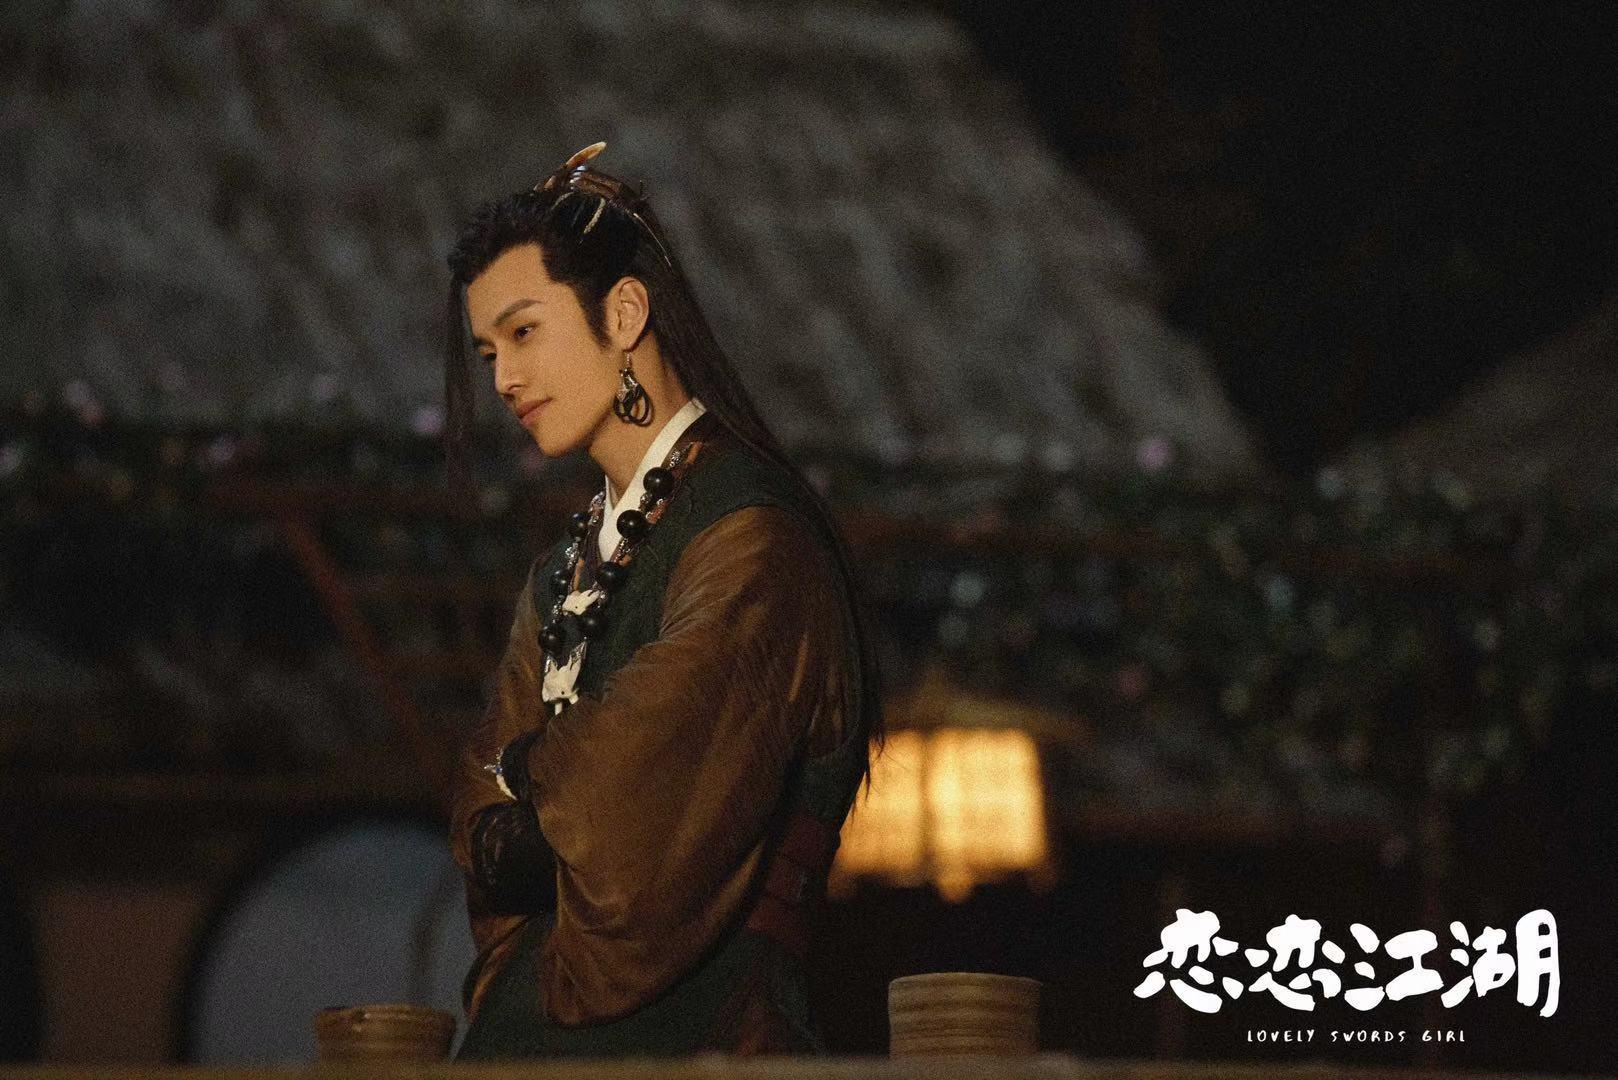 何与《恋恋江湖》热播 俊朗少年完美蜕变